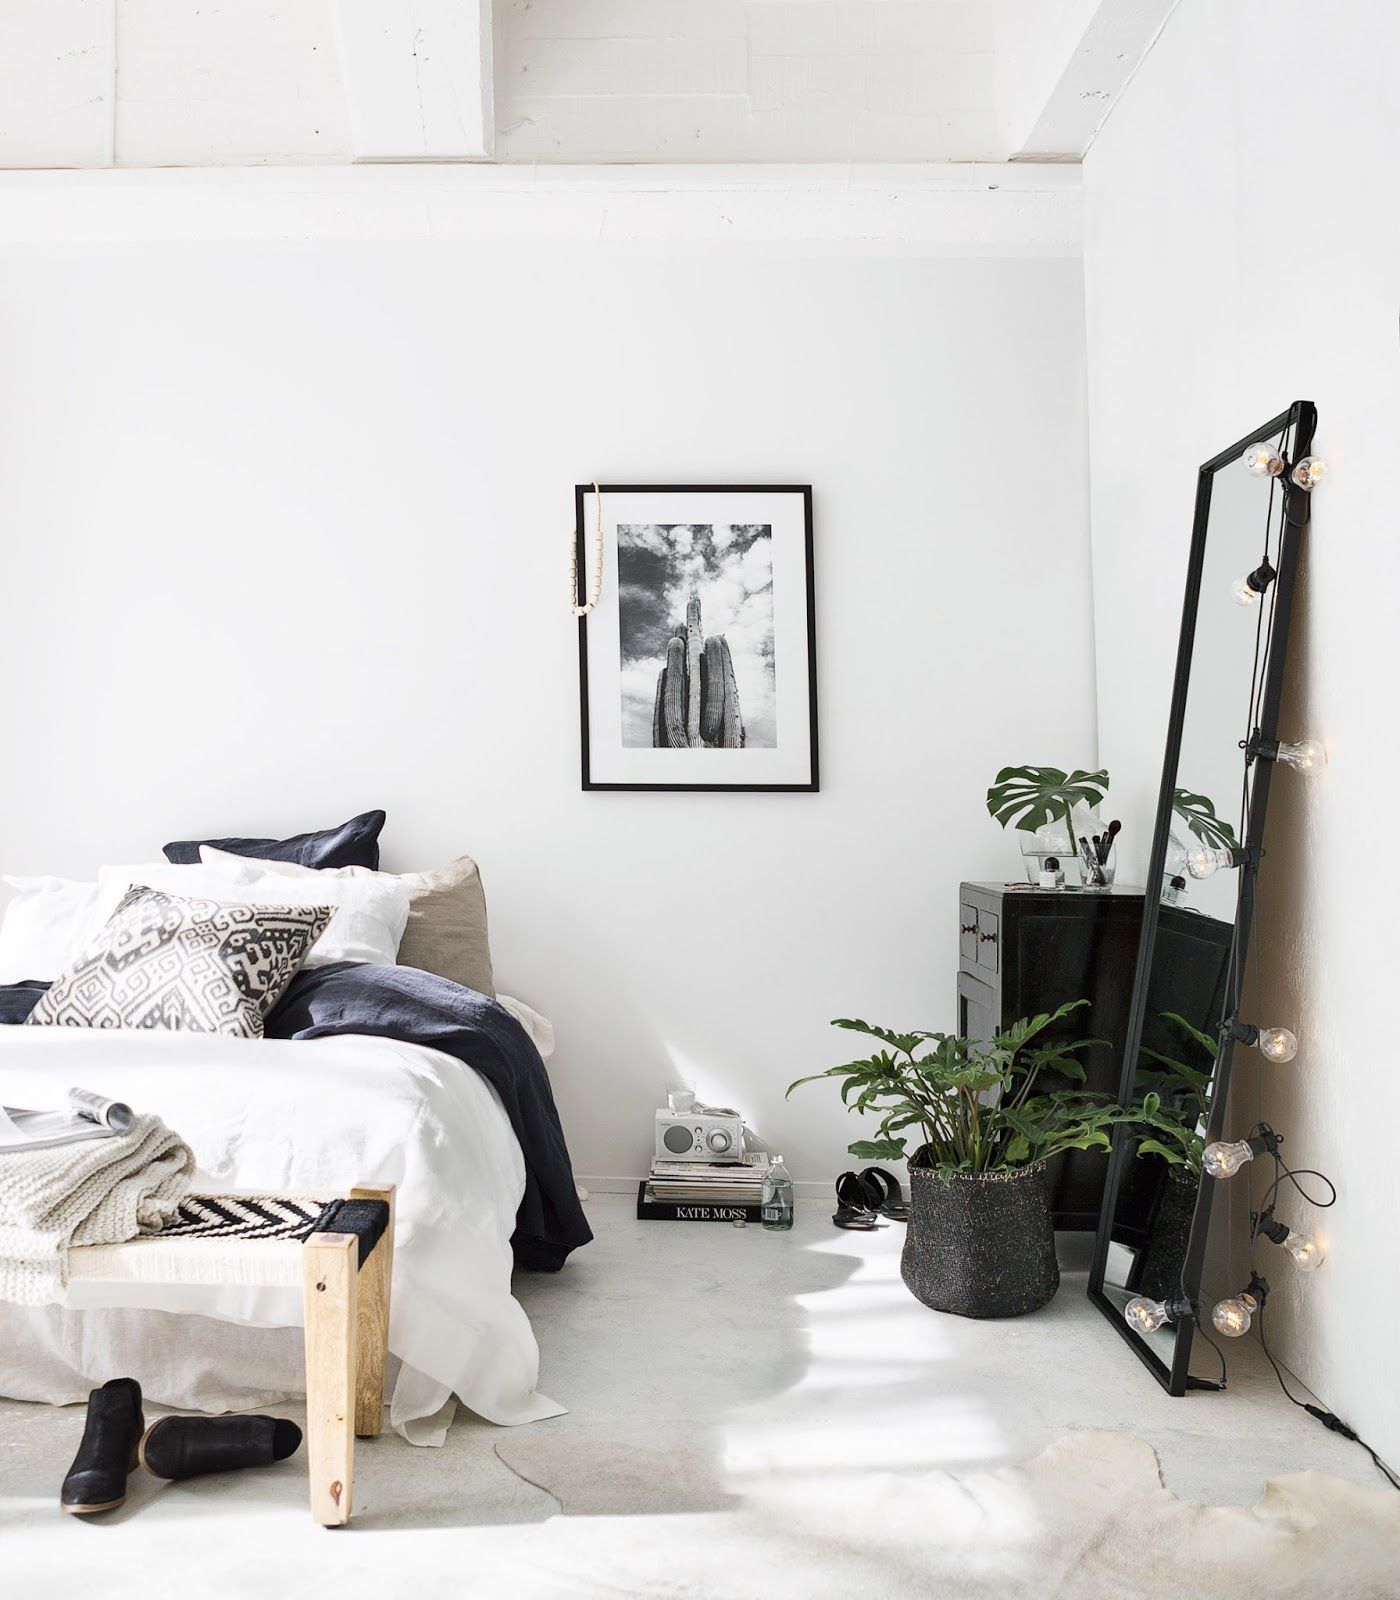 la petite fabrique de rves ethnic style une jolie chambre blanche et noire more